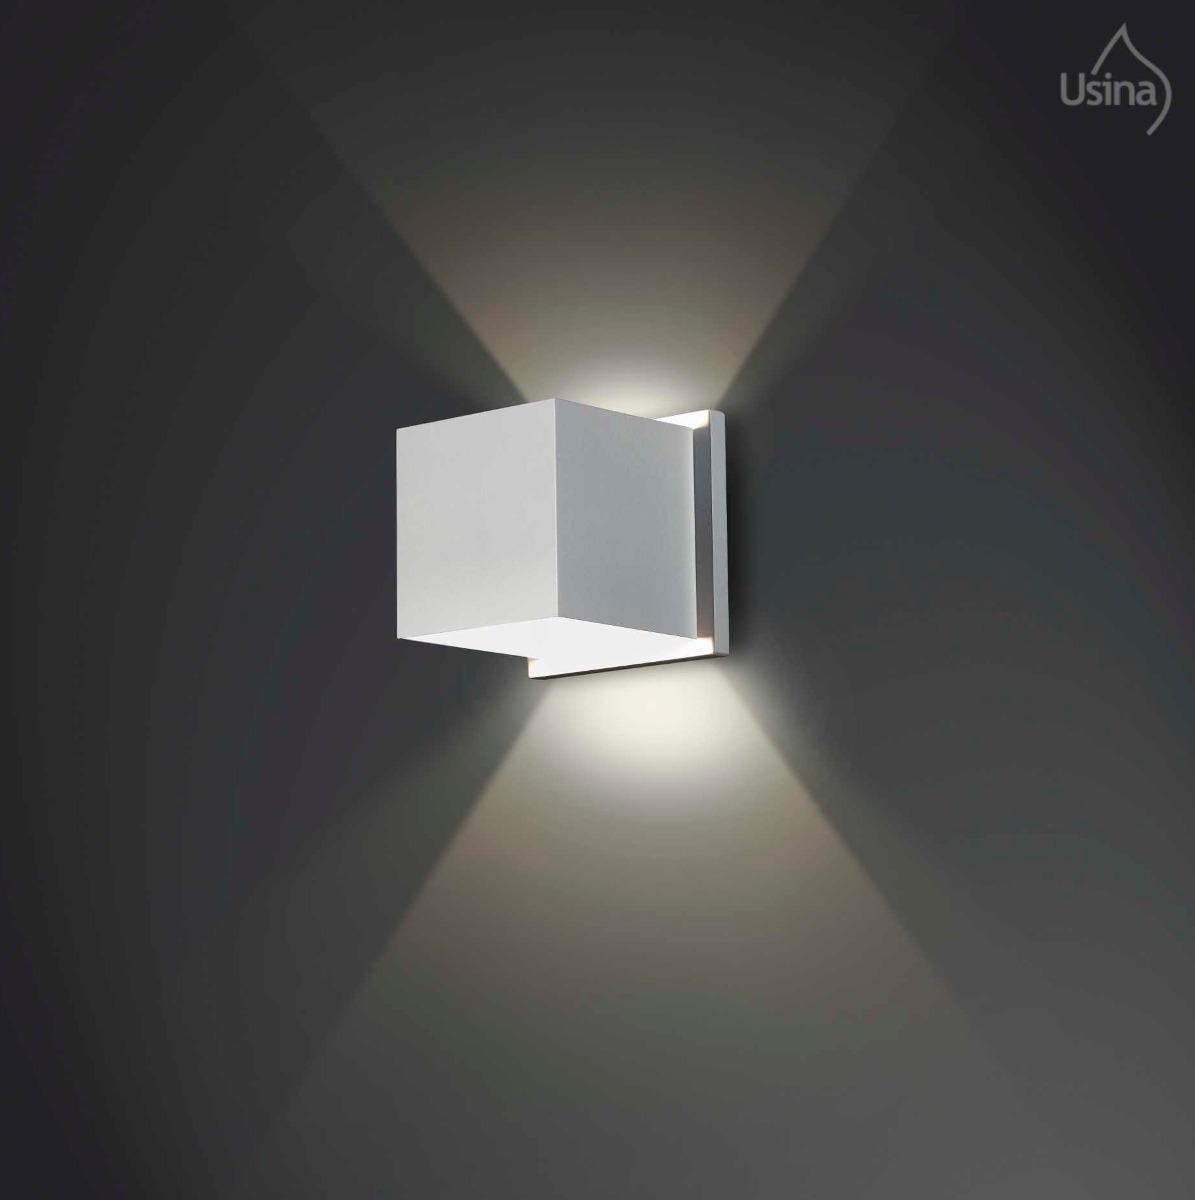 iluminacao jardim balizador Quadrada Branca Parede Iluminação